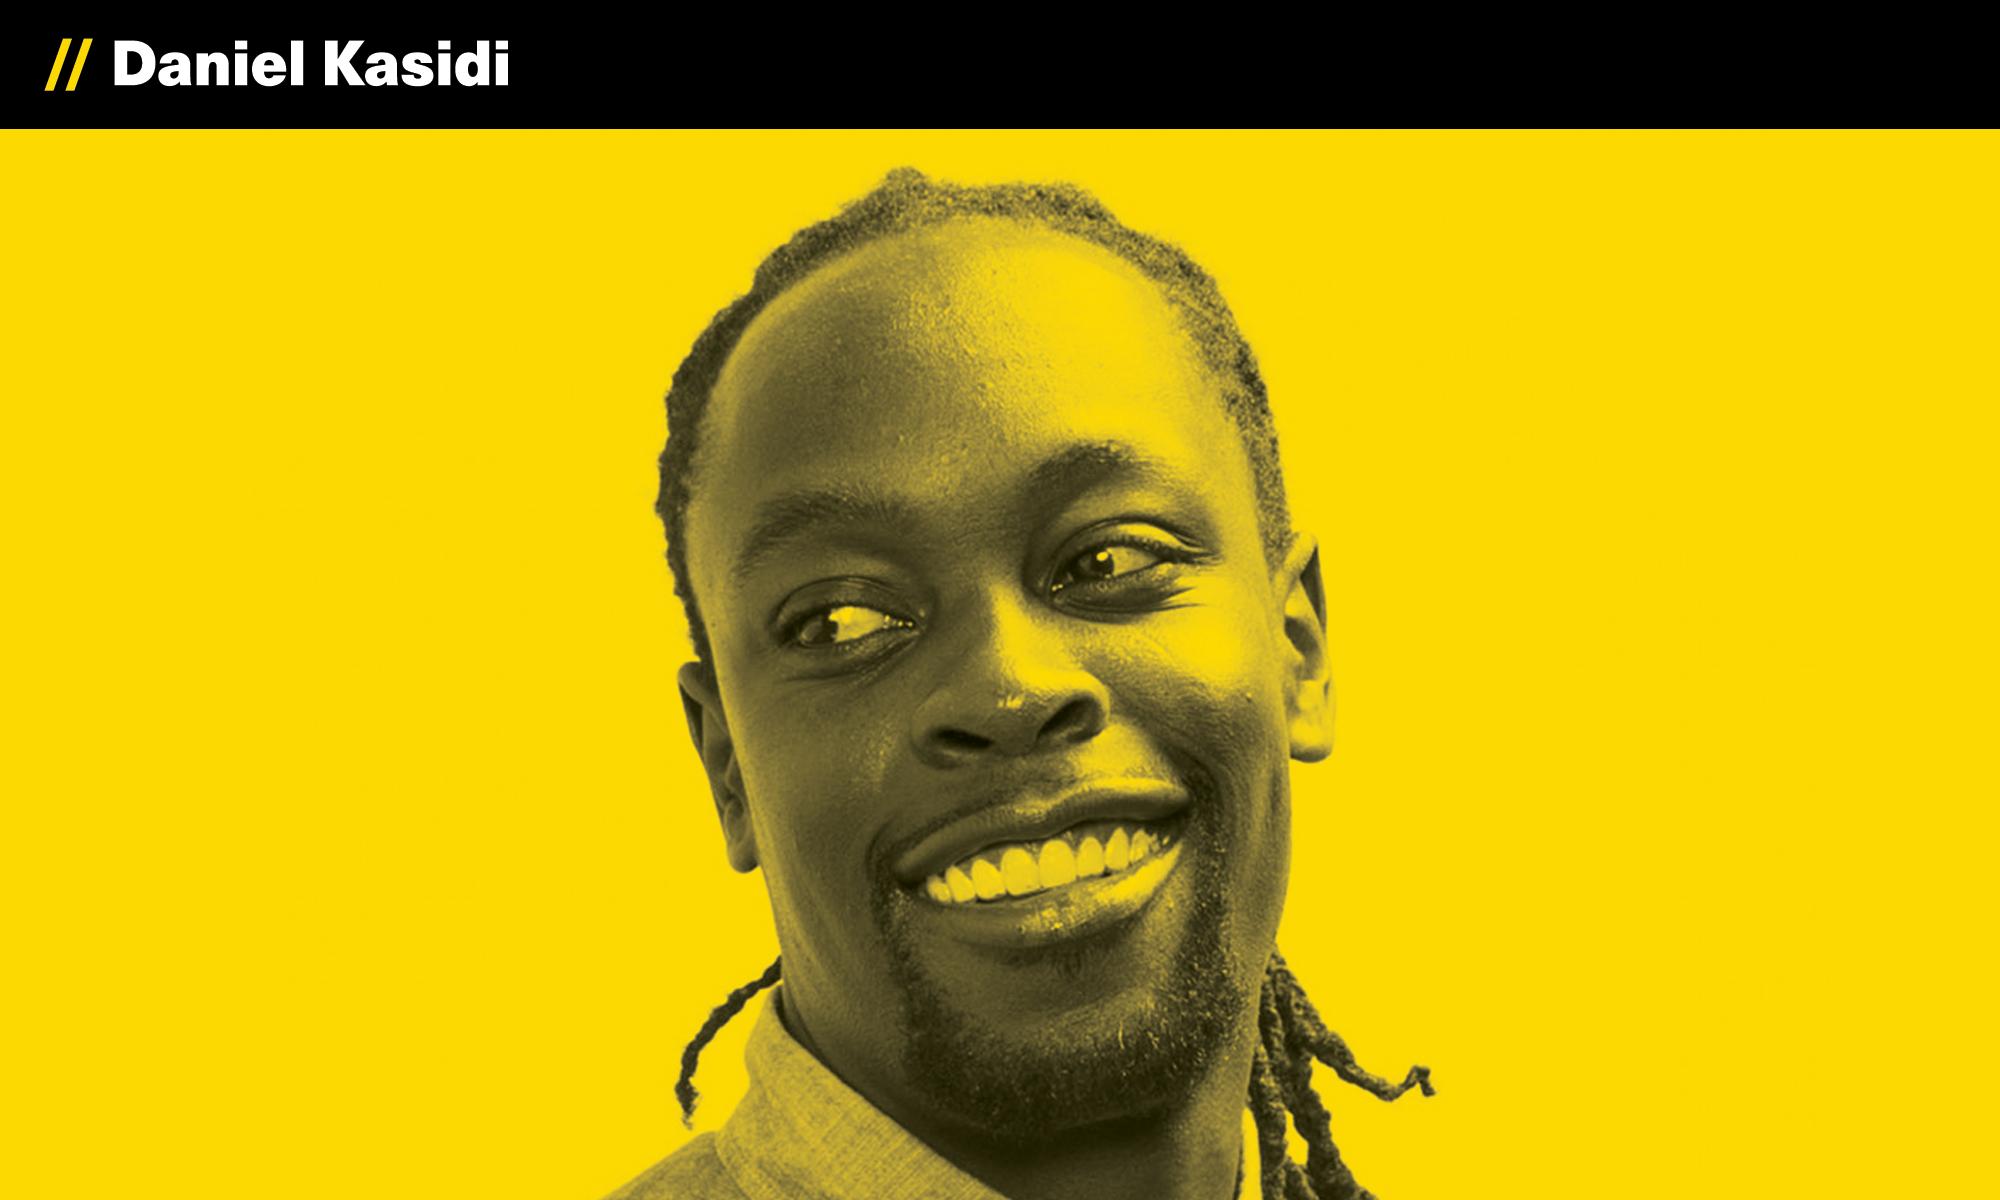 Daniel Kasidi, Rastaclat, The Founder Hour, Podcast